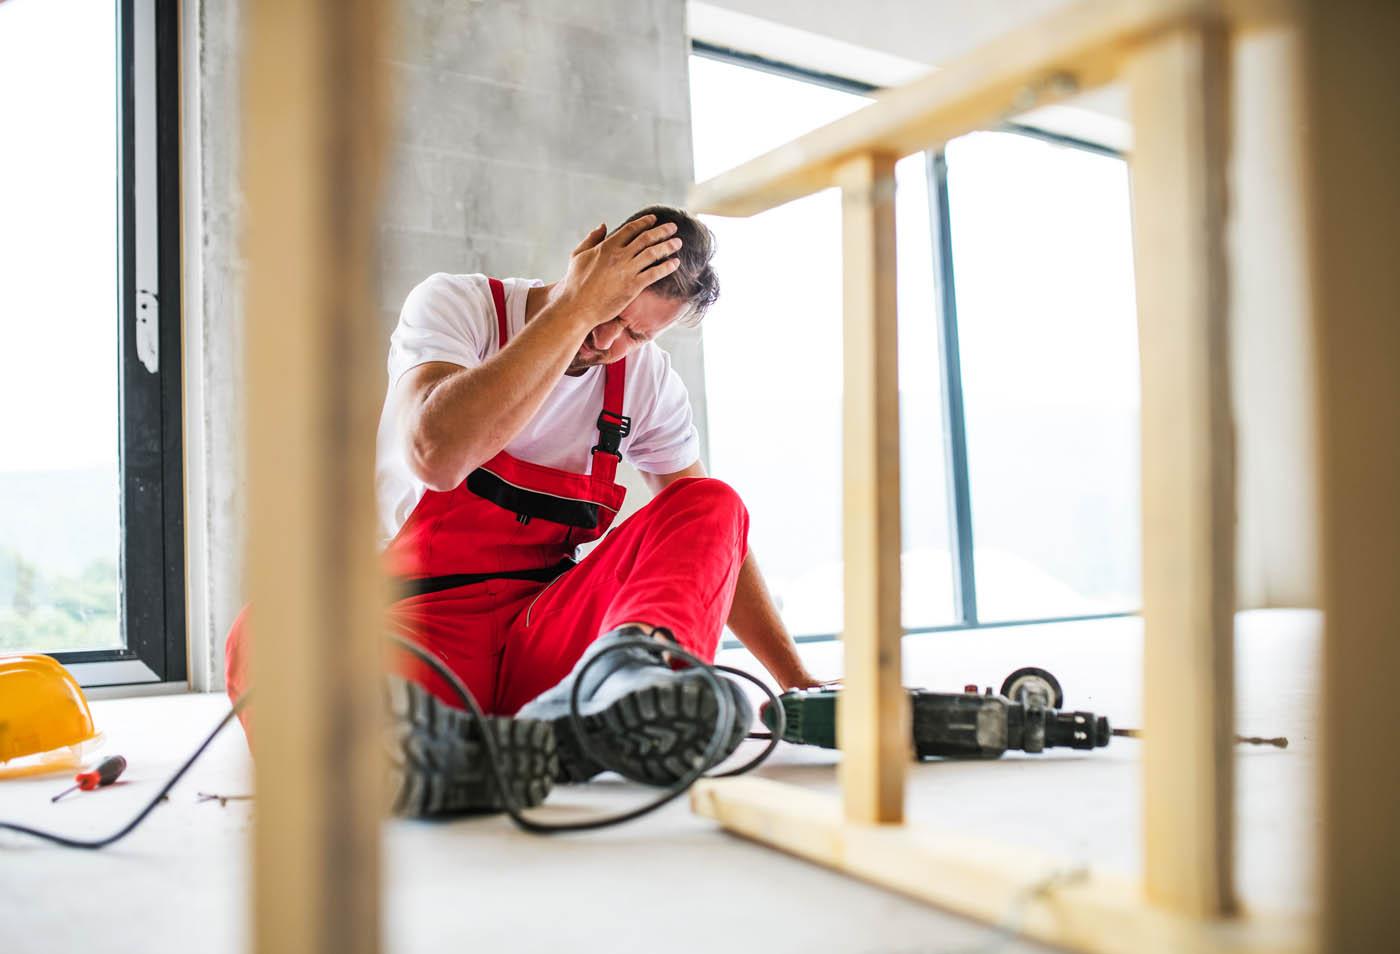 Man injured during construction work